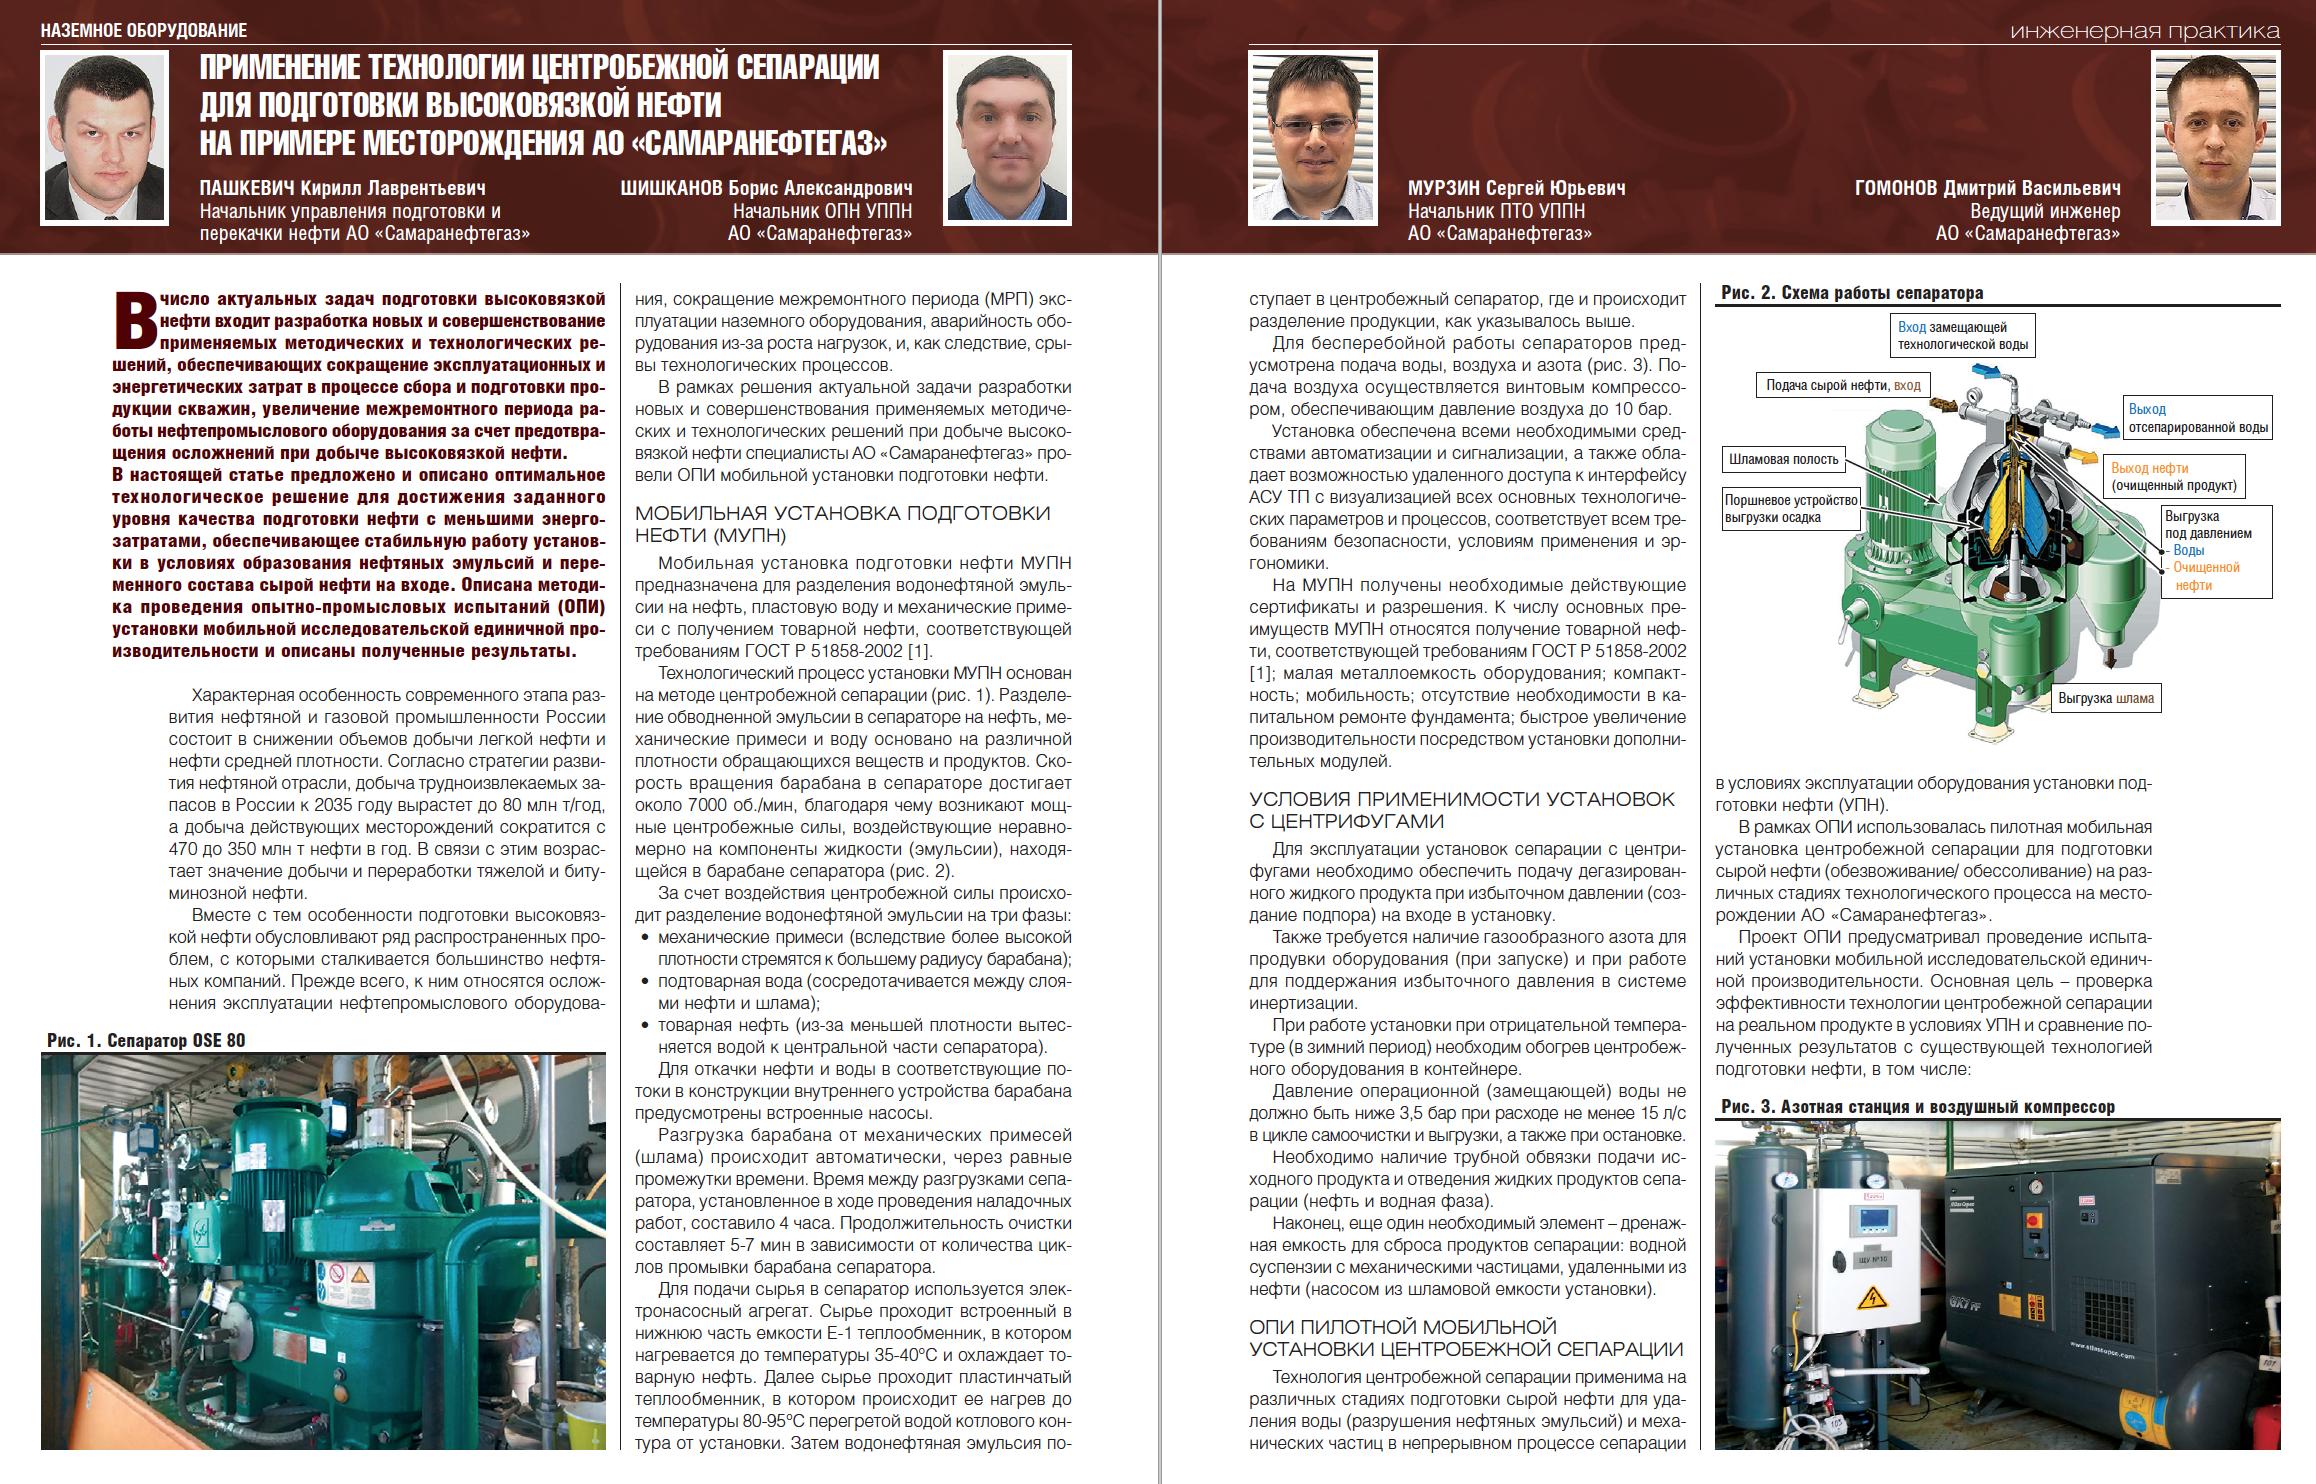 30882 Применение технологии центробежной сепарации для подготовки высоковязкой нефти на примере АО «Самаранефтегаз»